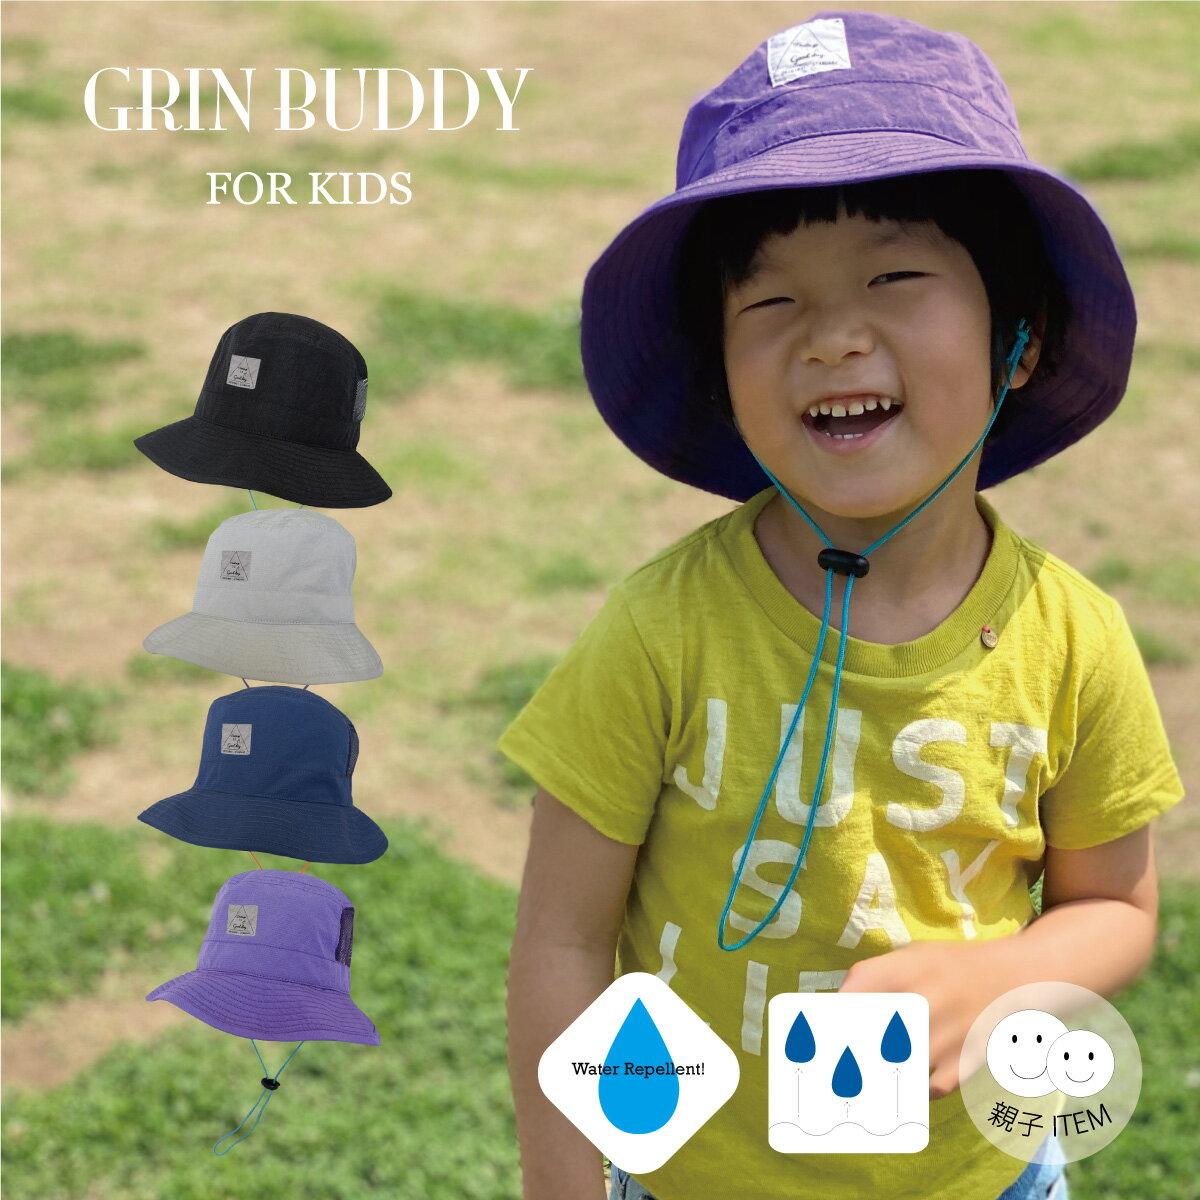 【1,500円以上メール便送料無料】Kids Days Mesh Hat [ GRINBUDDY ] 撥水生地で雨も汚れも弾く。メッシュ素材で通気性も良いあご紐付きの日よけハット。画像